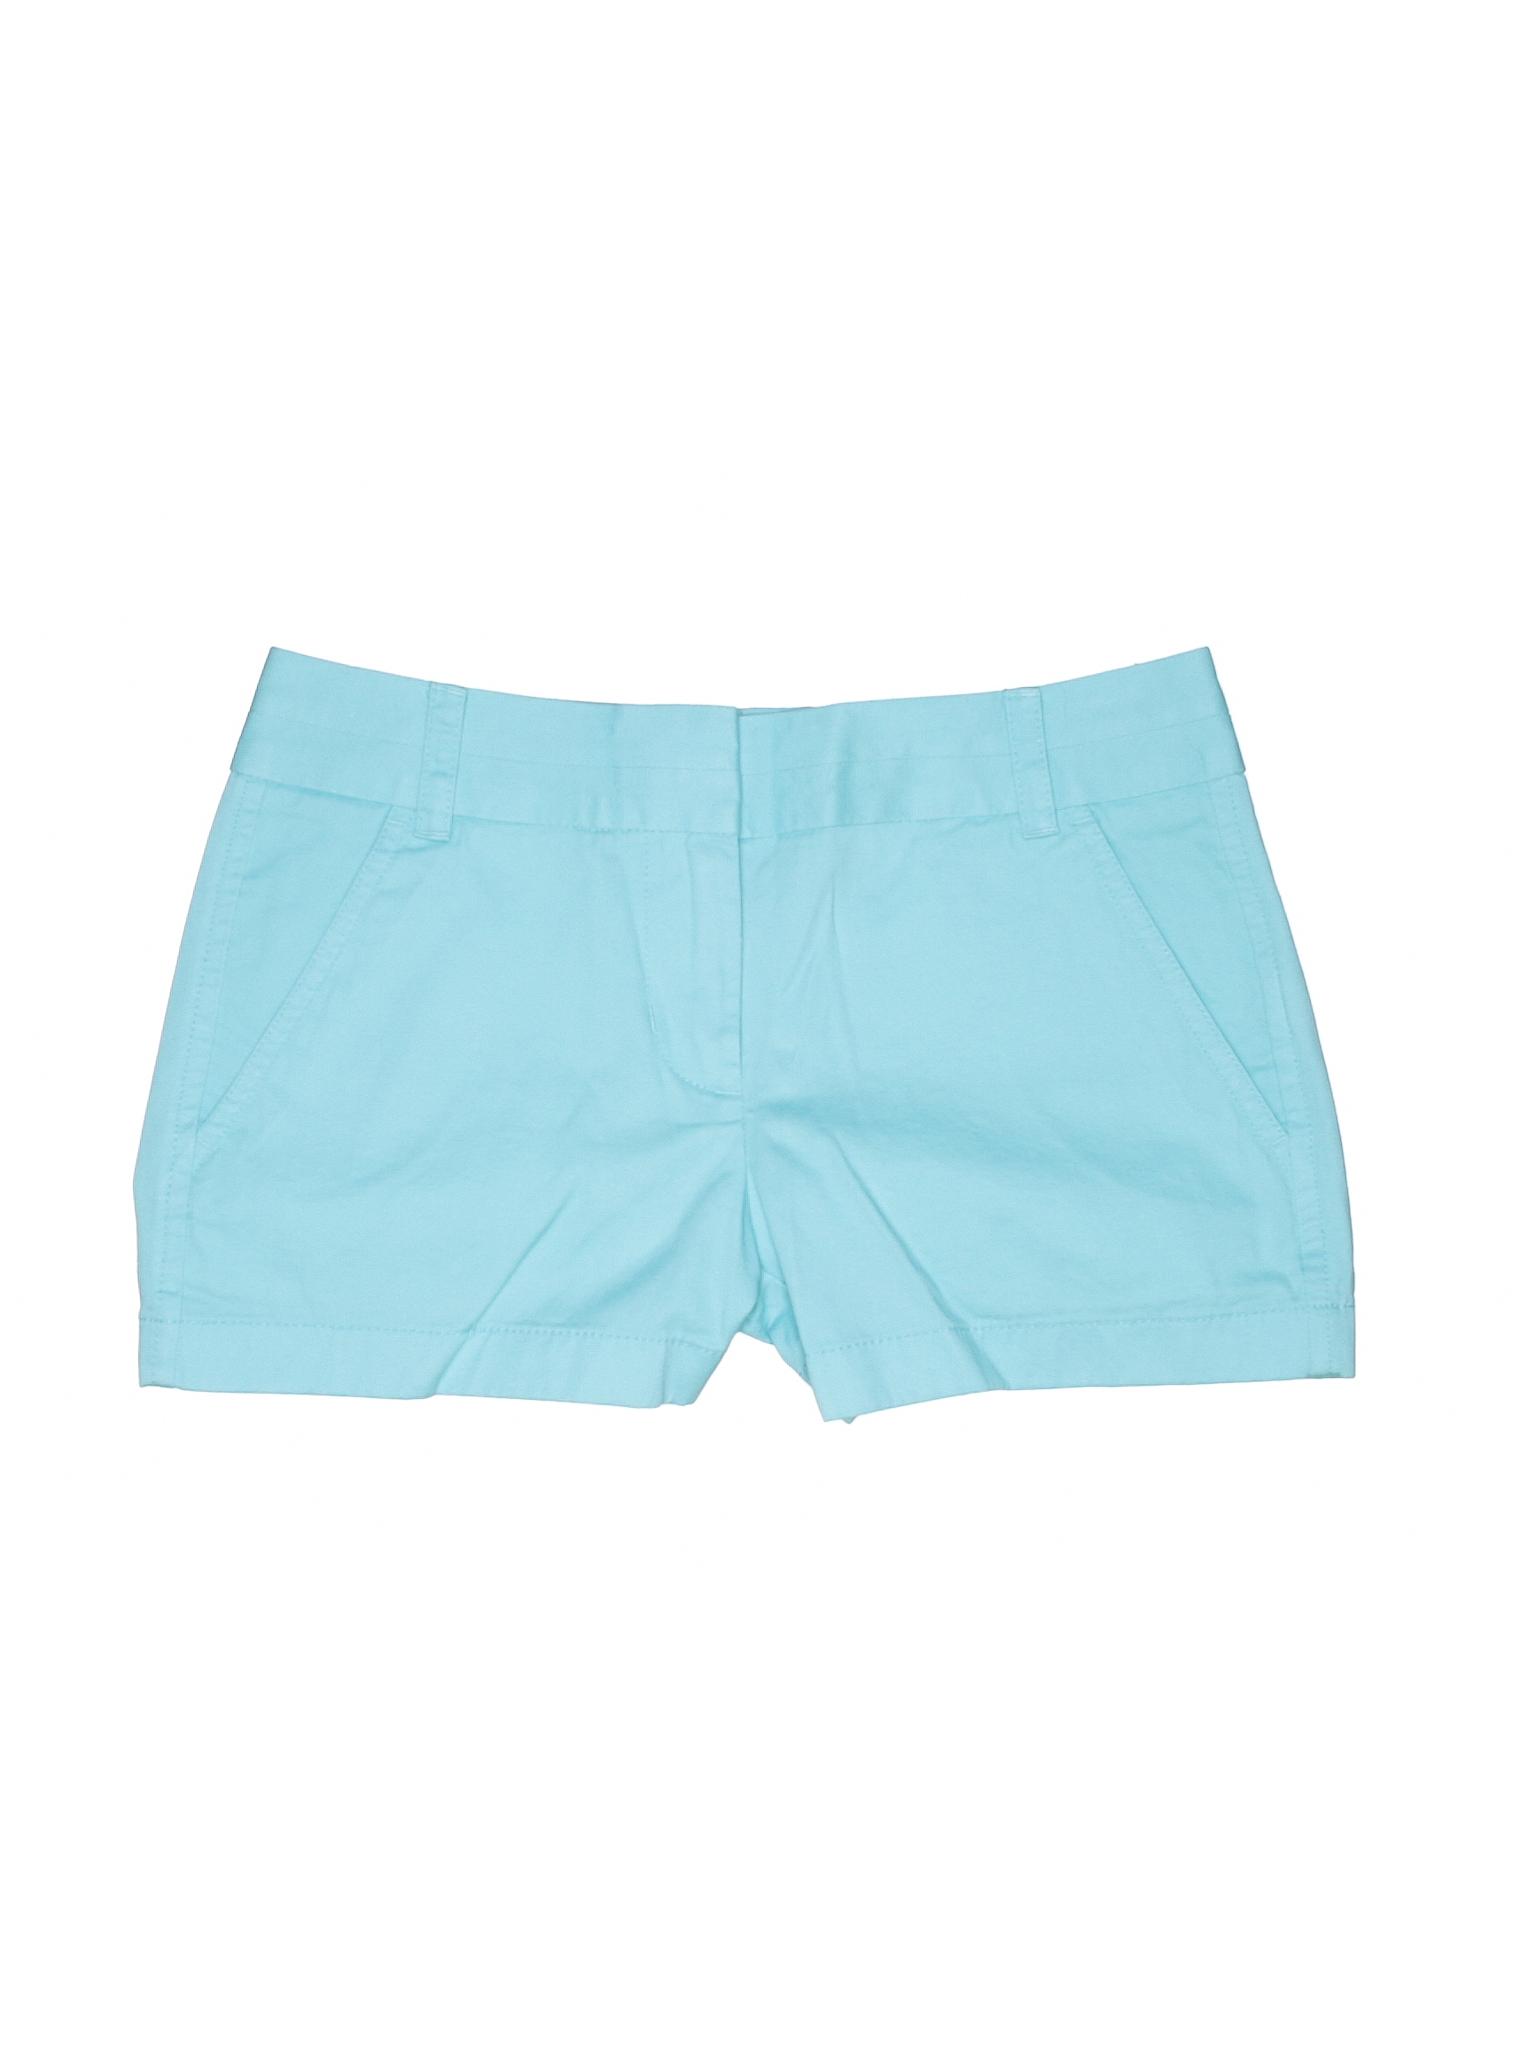 Crew Boutique J Boutique Khaki Shorts J tqvwBt